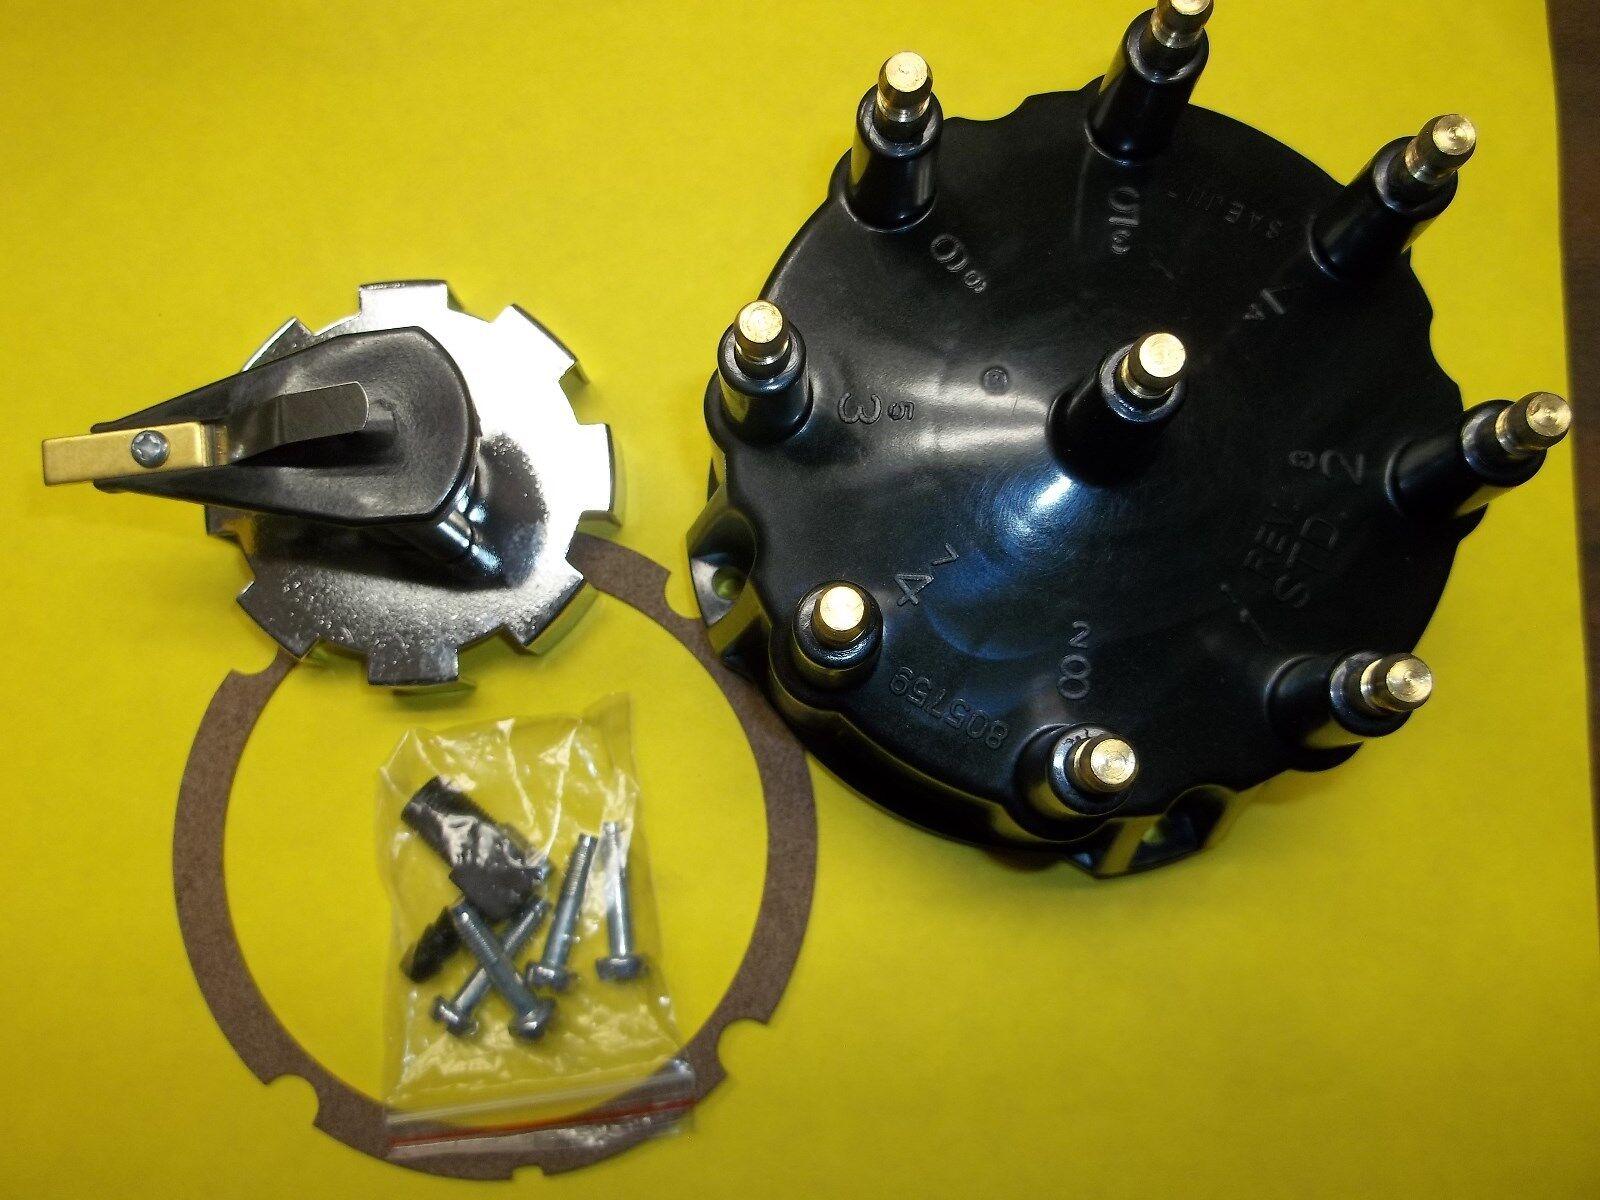 Mercruiser Thunderbolt V8 Tune Up Kit Distributor Cap Rotor and trigger wheel